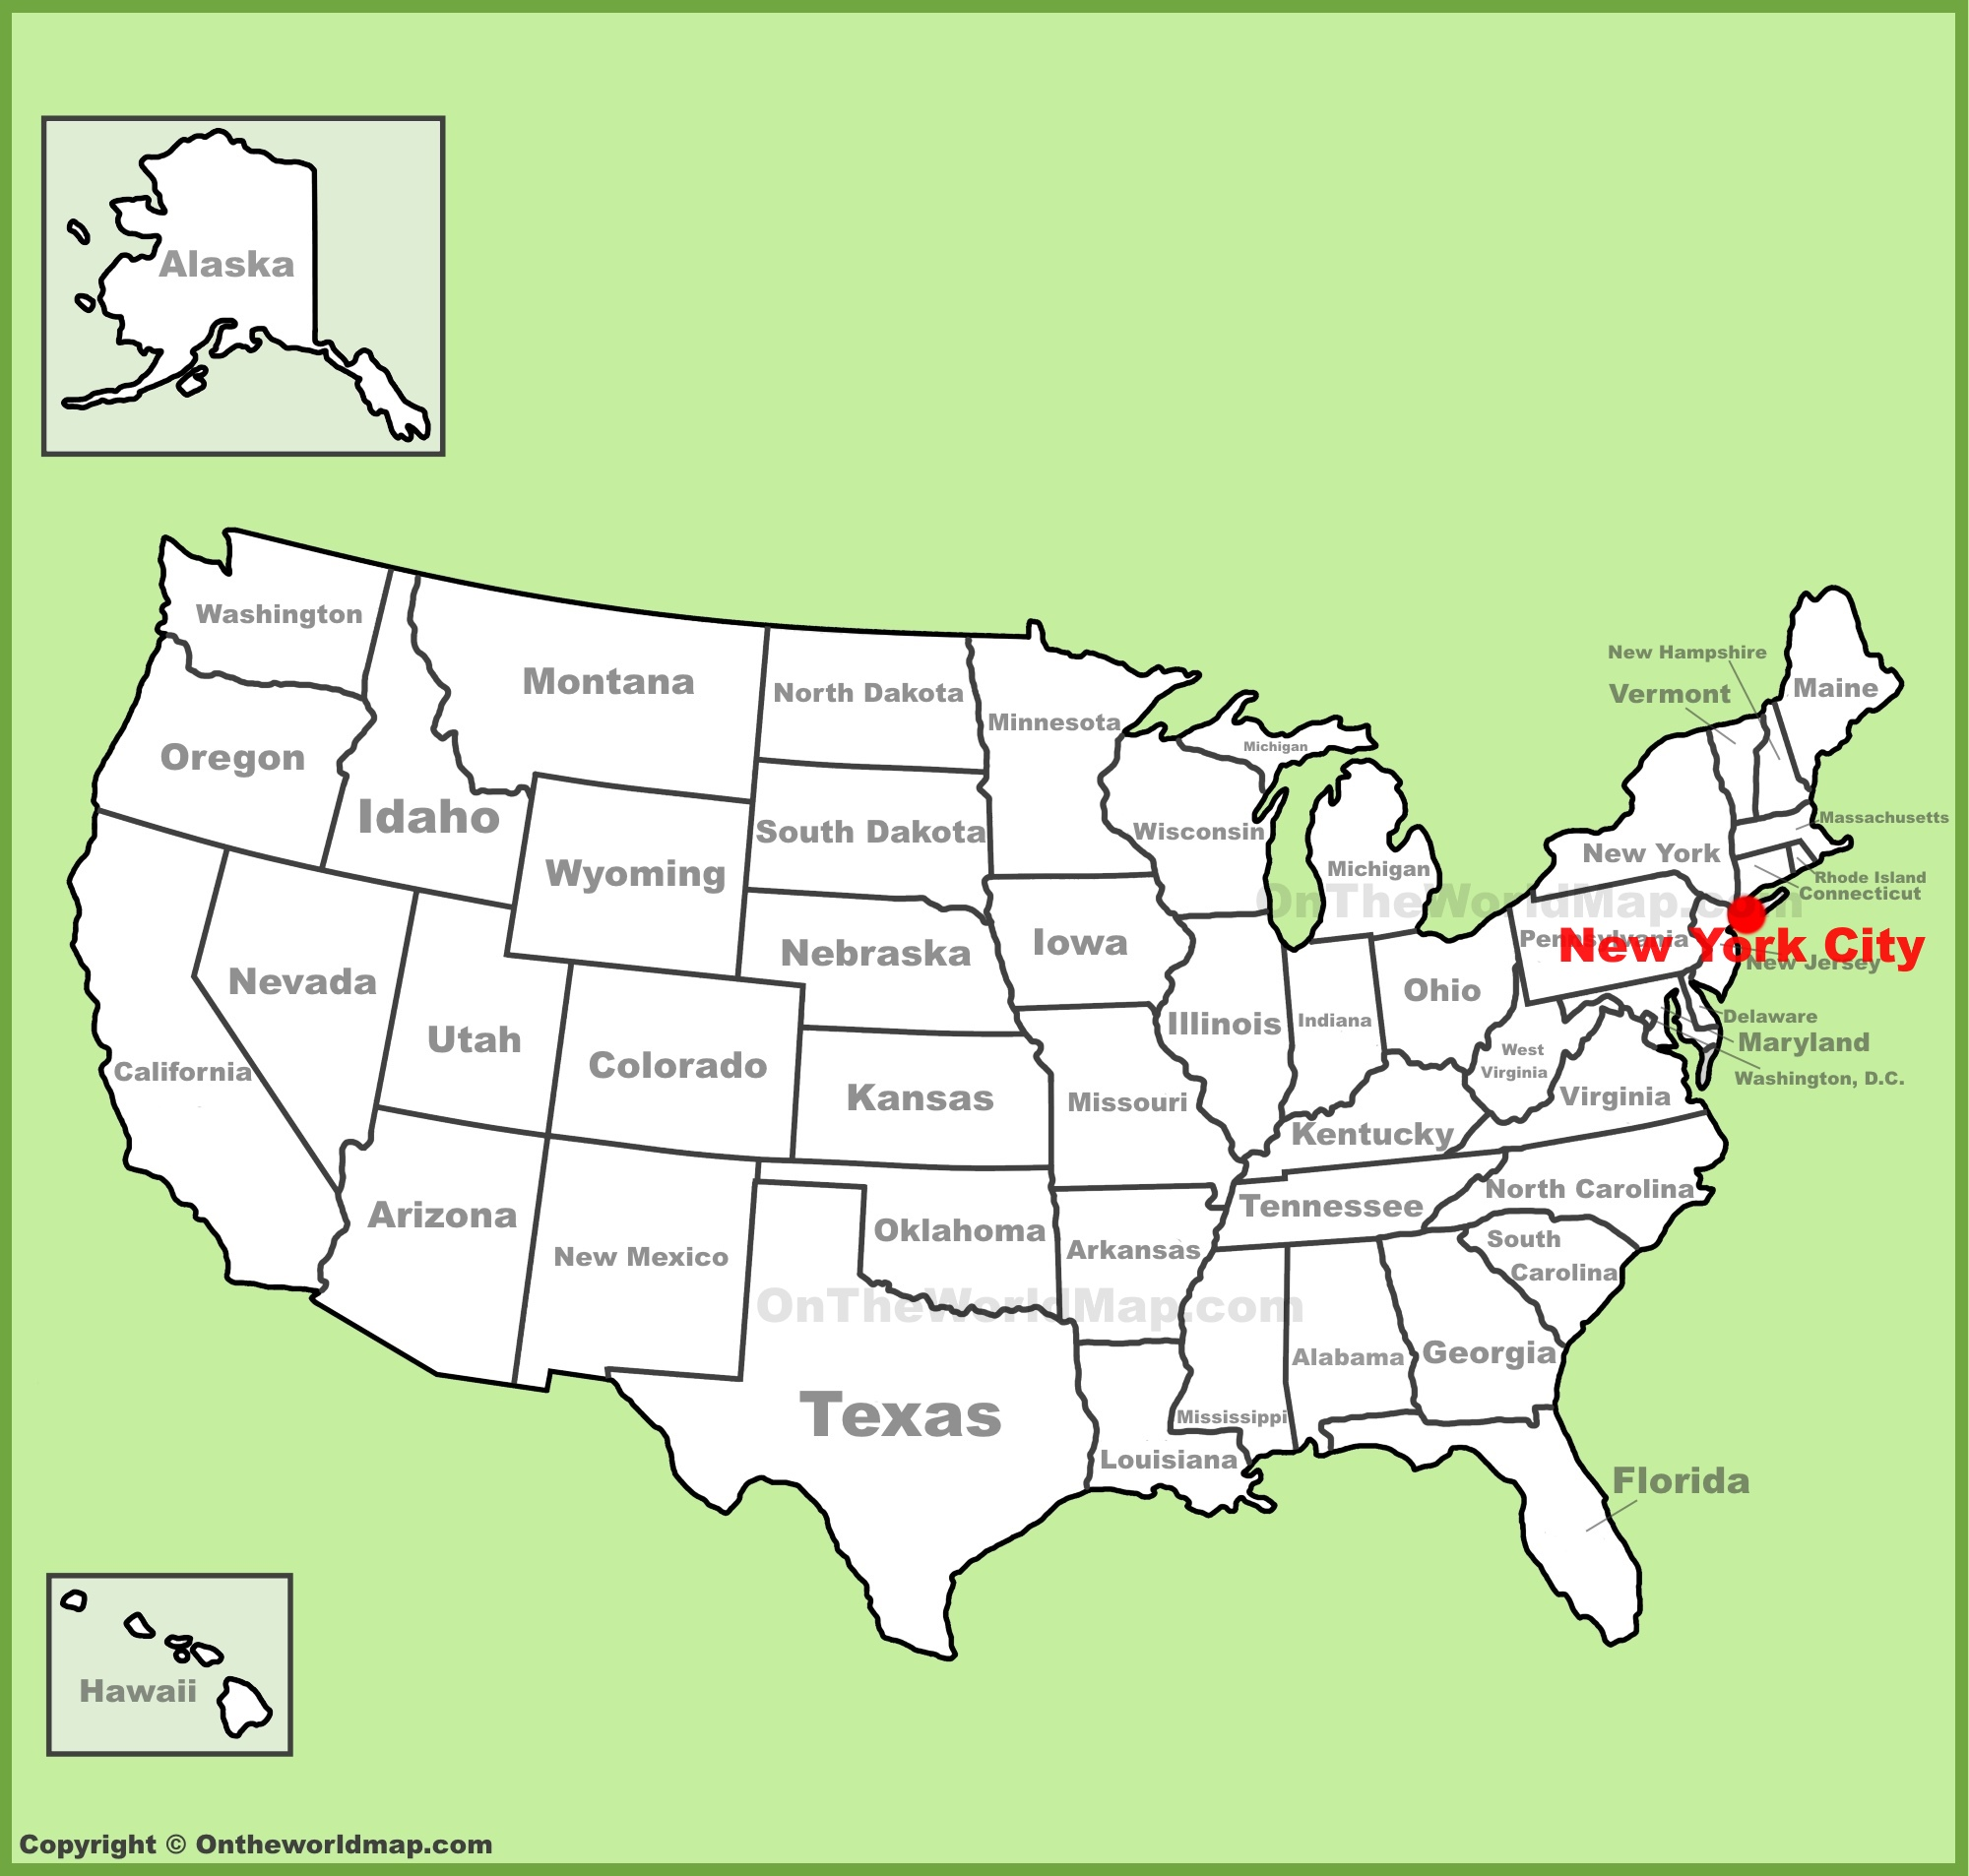 New York    NY Dept of Health Crisis Line: 518-549-6500    NY Kids Helpline: 716-834-1144    Samaritans NY: 212-673-3000